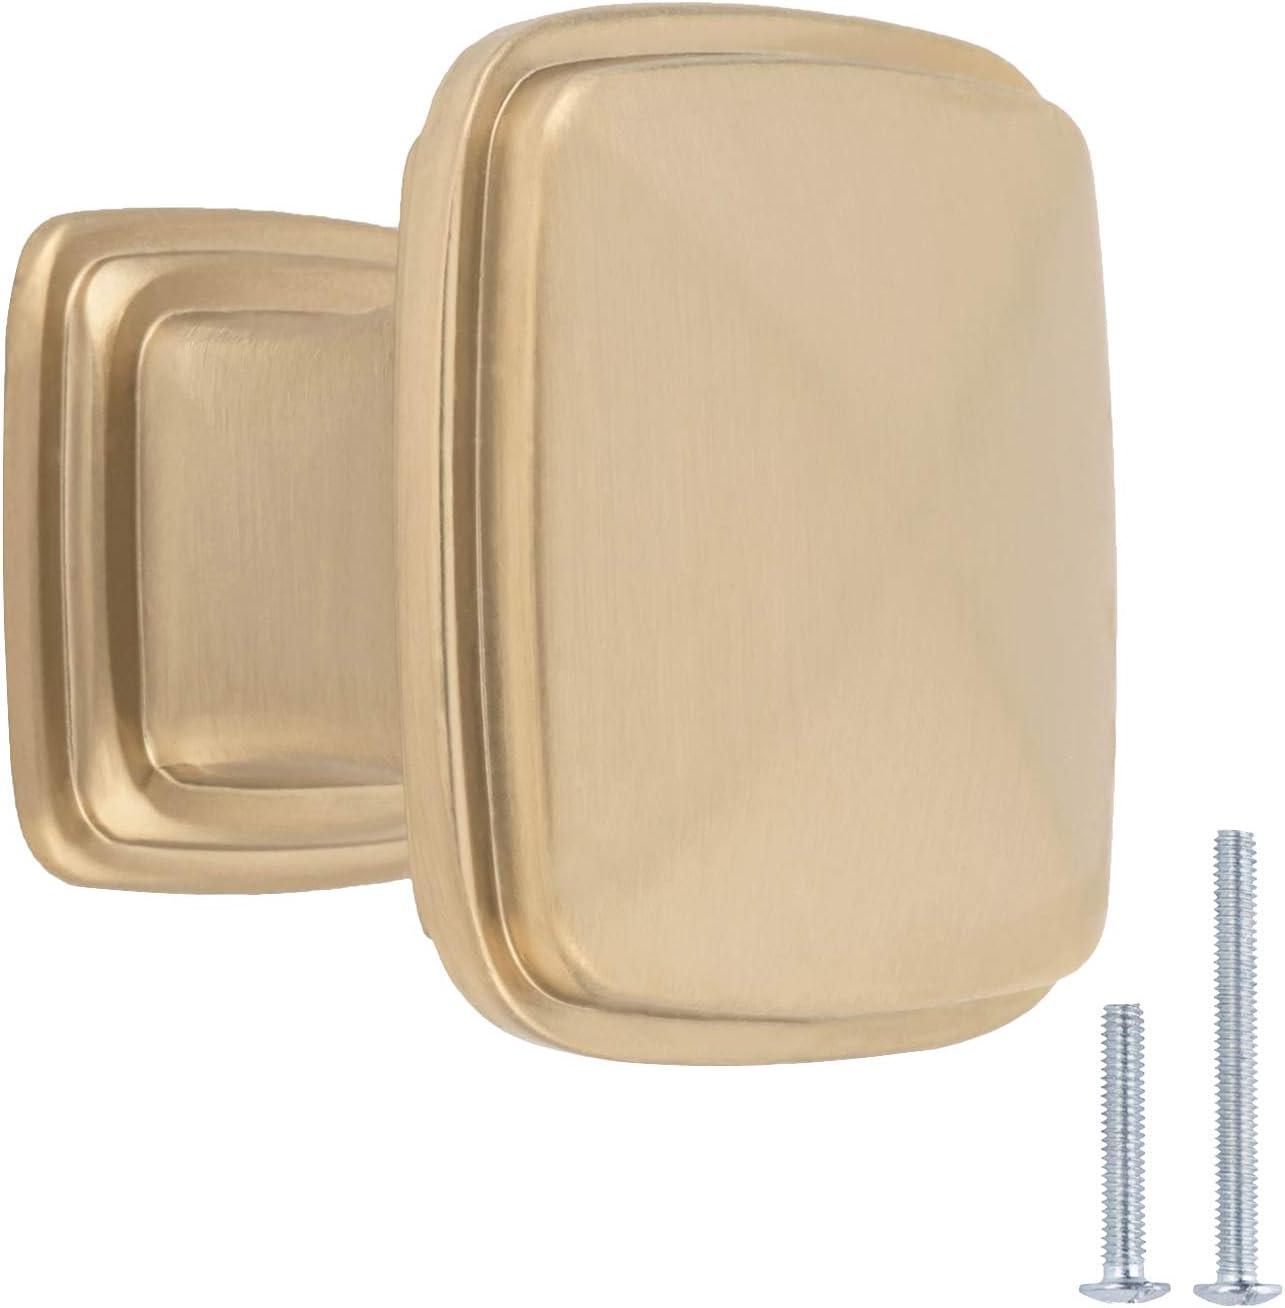 Pomo de armario 3,17 cm de di/ámetro AB400-AB-25 Basics lat/ón envejecido